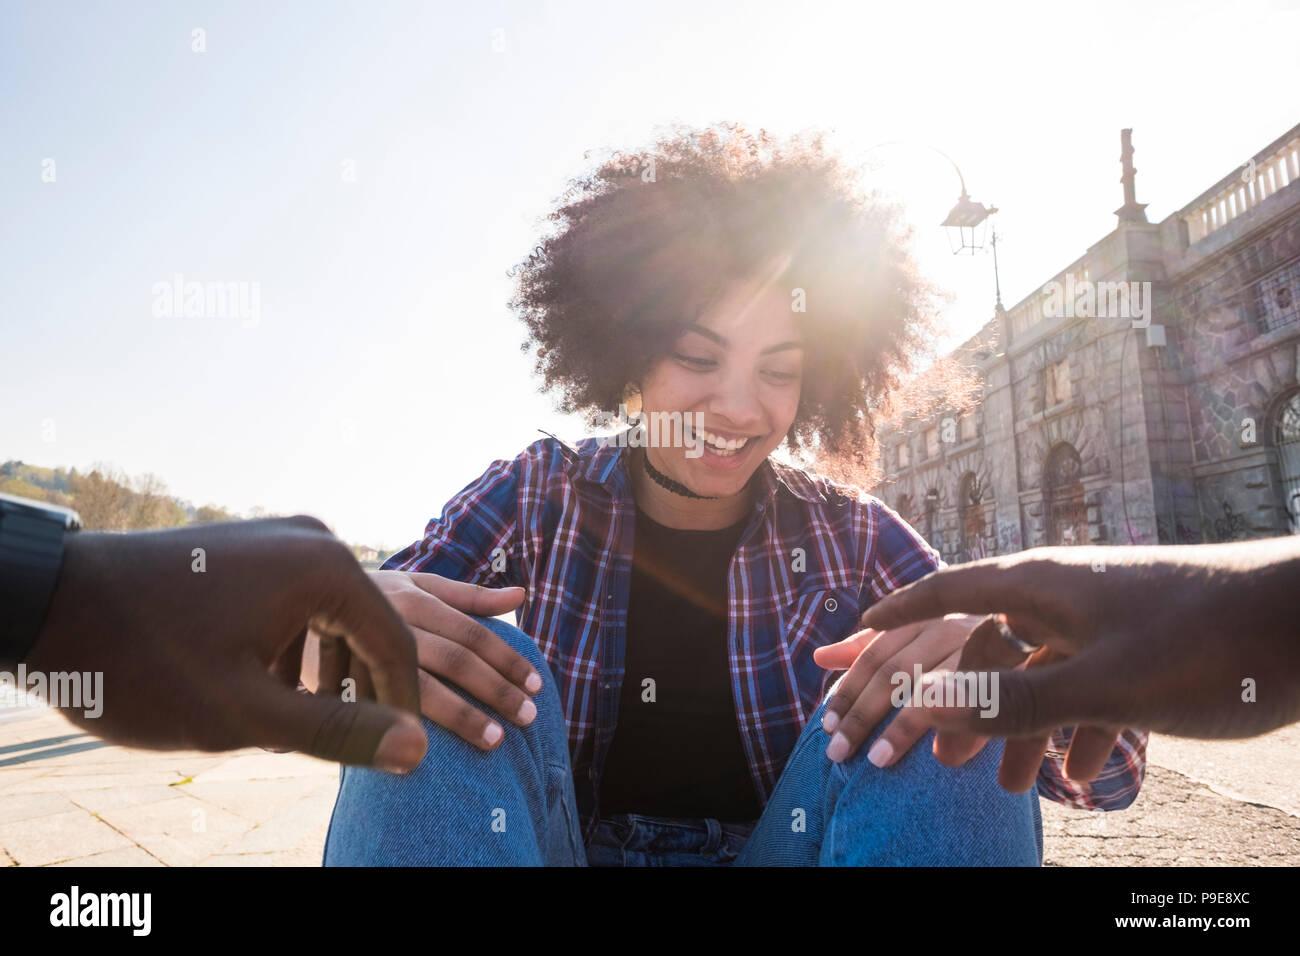 Hermosa raza negra bonito cabello étnico gyoung girl divertirse con un hombre africano sonriendo y riendo con él. la gente feliz en la ciudad. retroiluminación y s Imagen De Stock